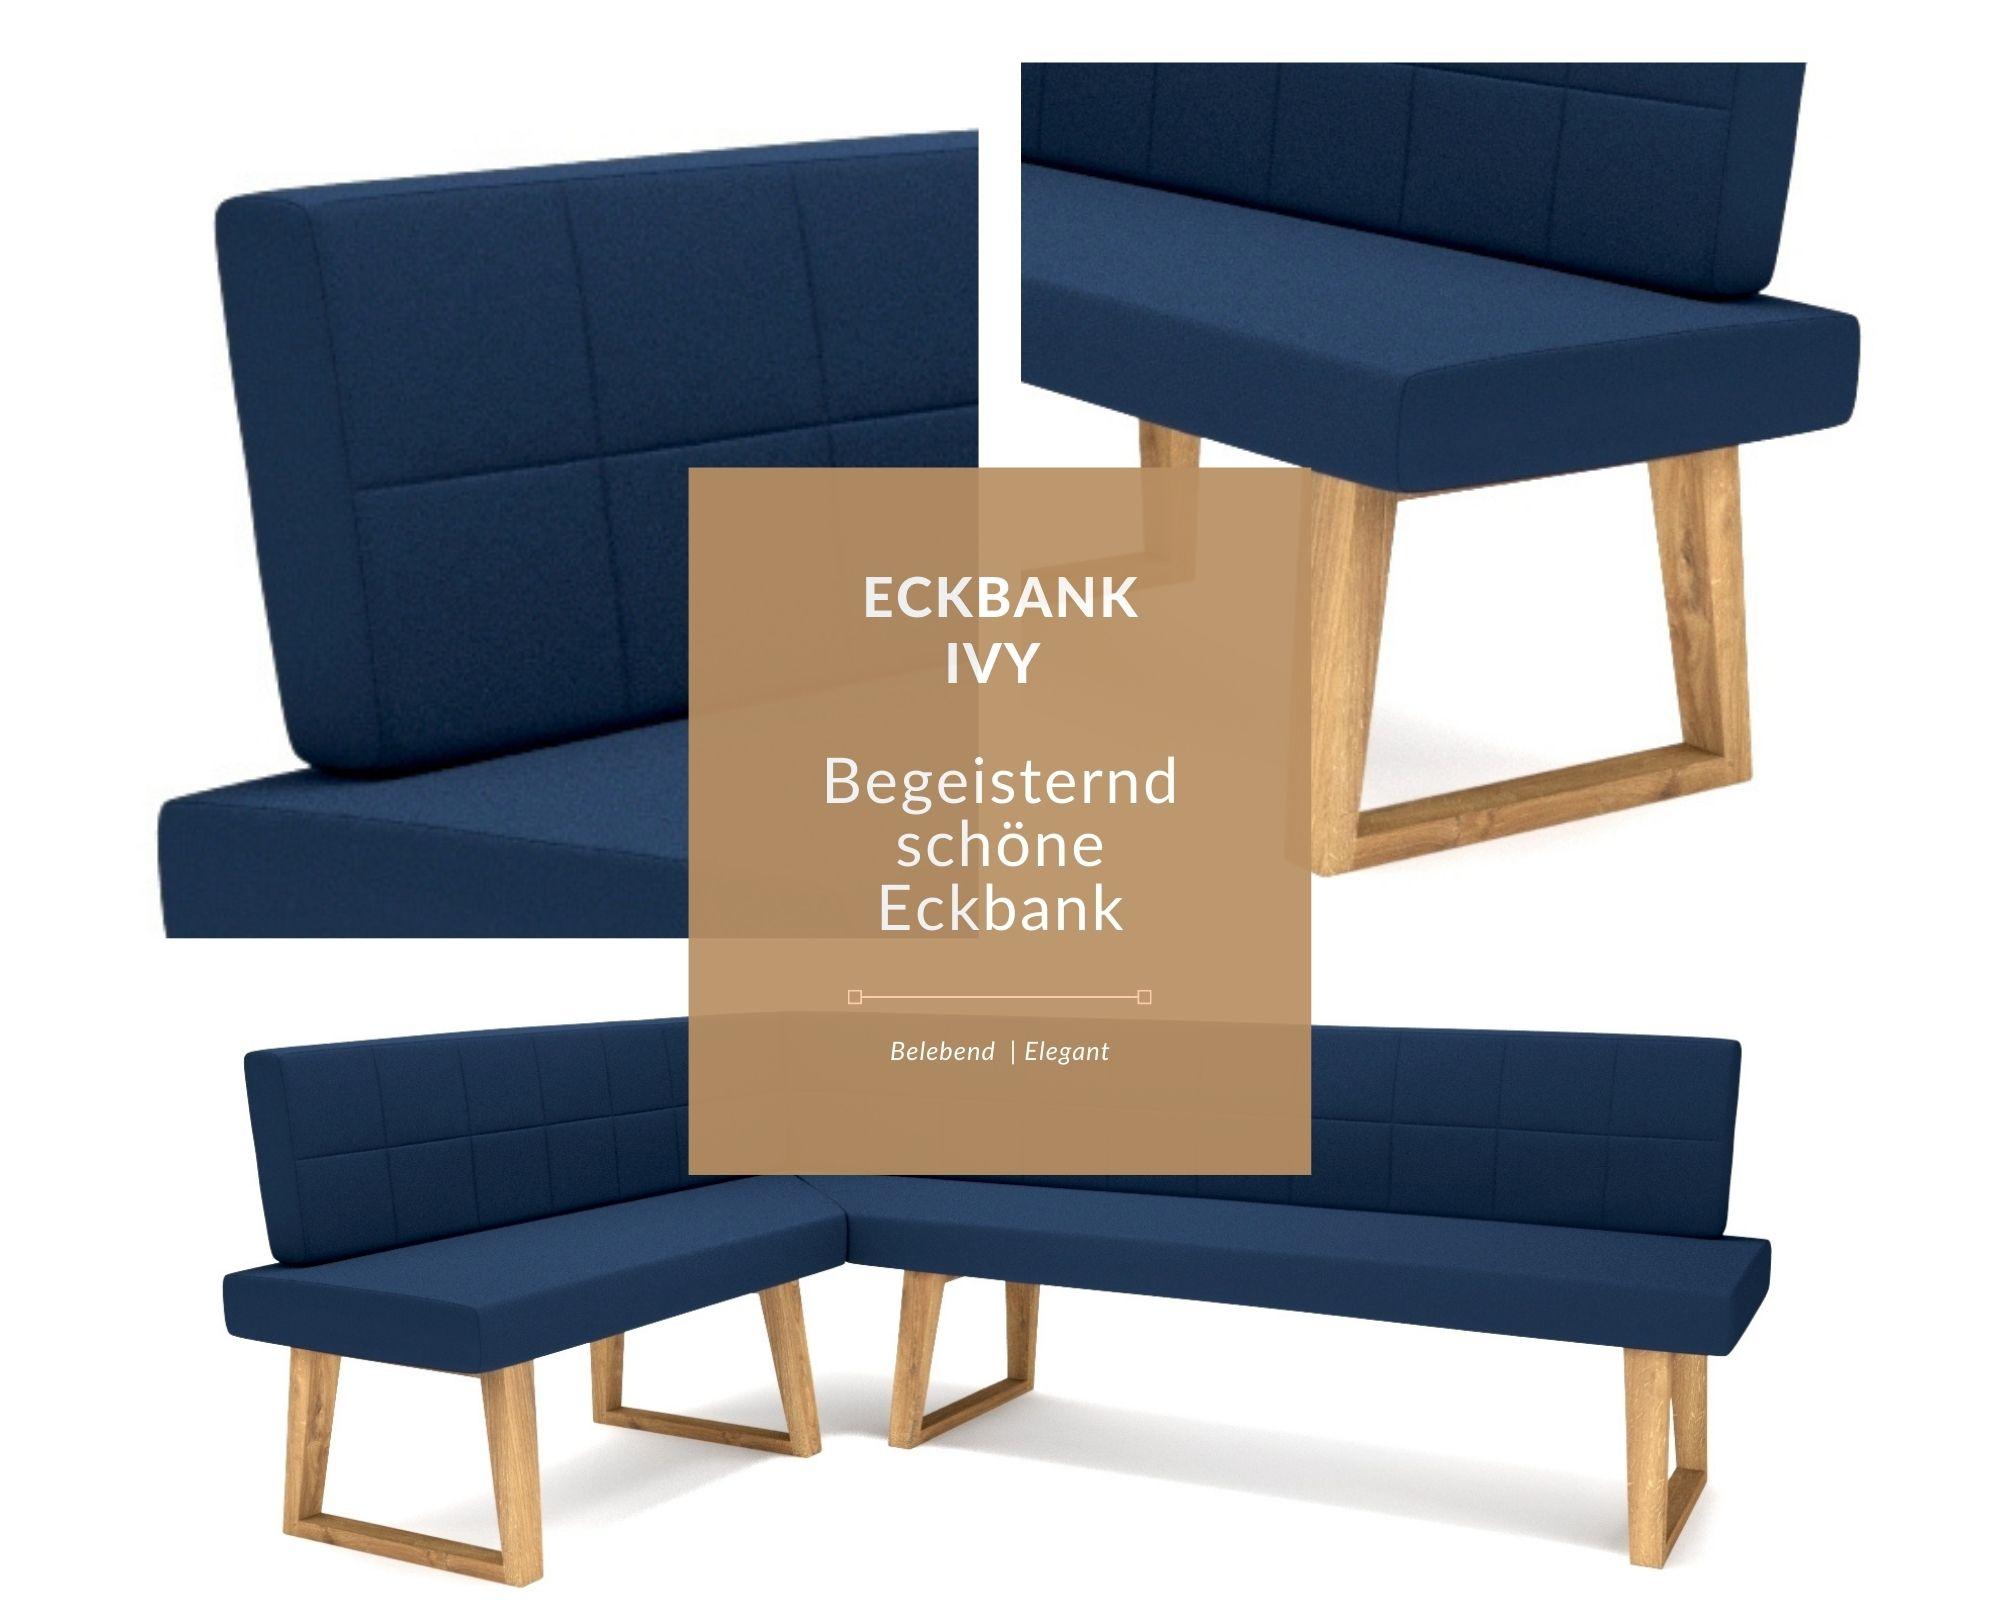 eckbank aus massivholz-design-ivy-naturnah